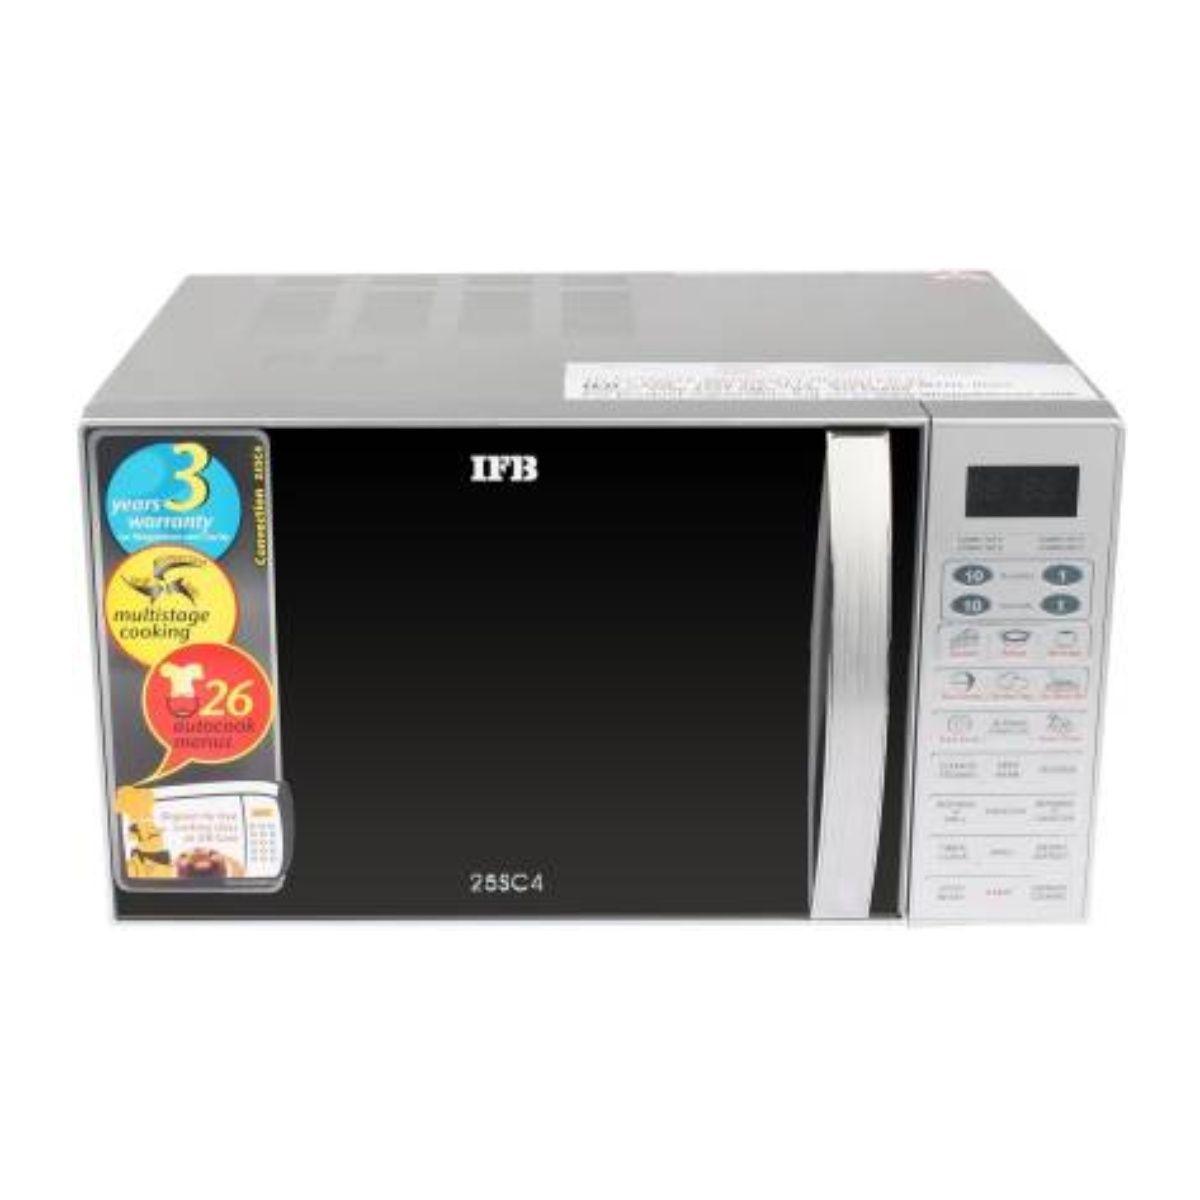 ಐಏಫ್ಬ 25SC4 25 L Convection Microwave Oven